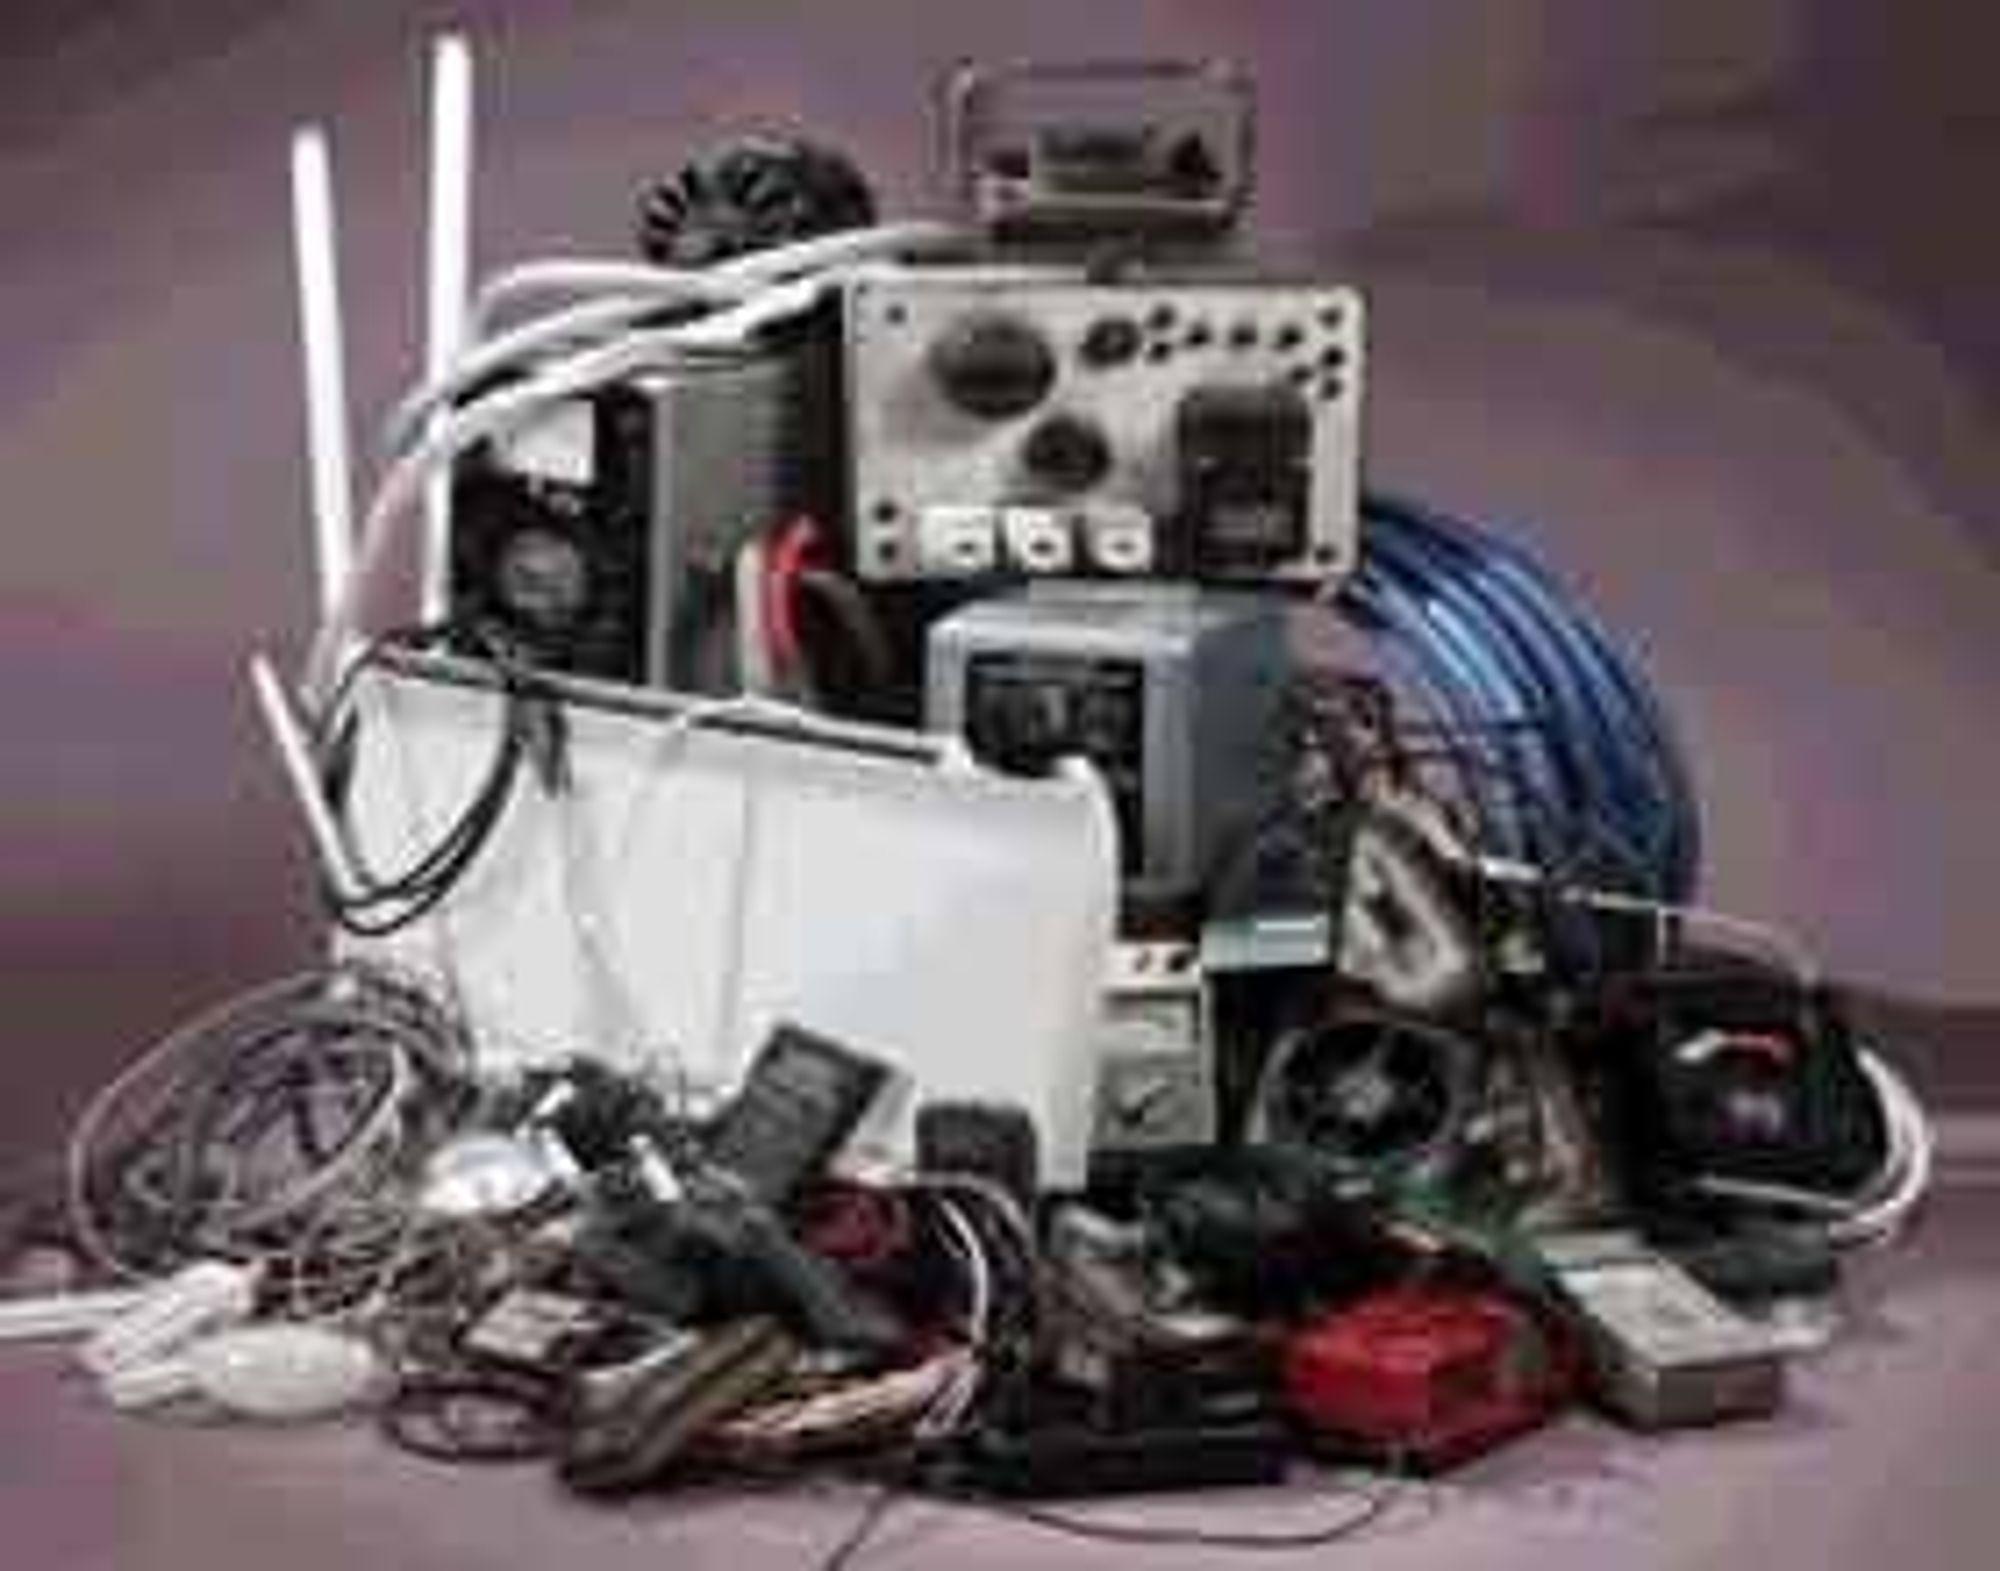 Elektroavfall kan inneholde farlige stoffer som må håndteres spesielt, deriblant kvikksølv.